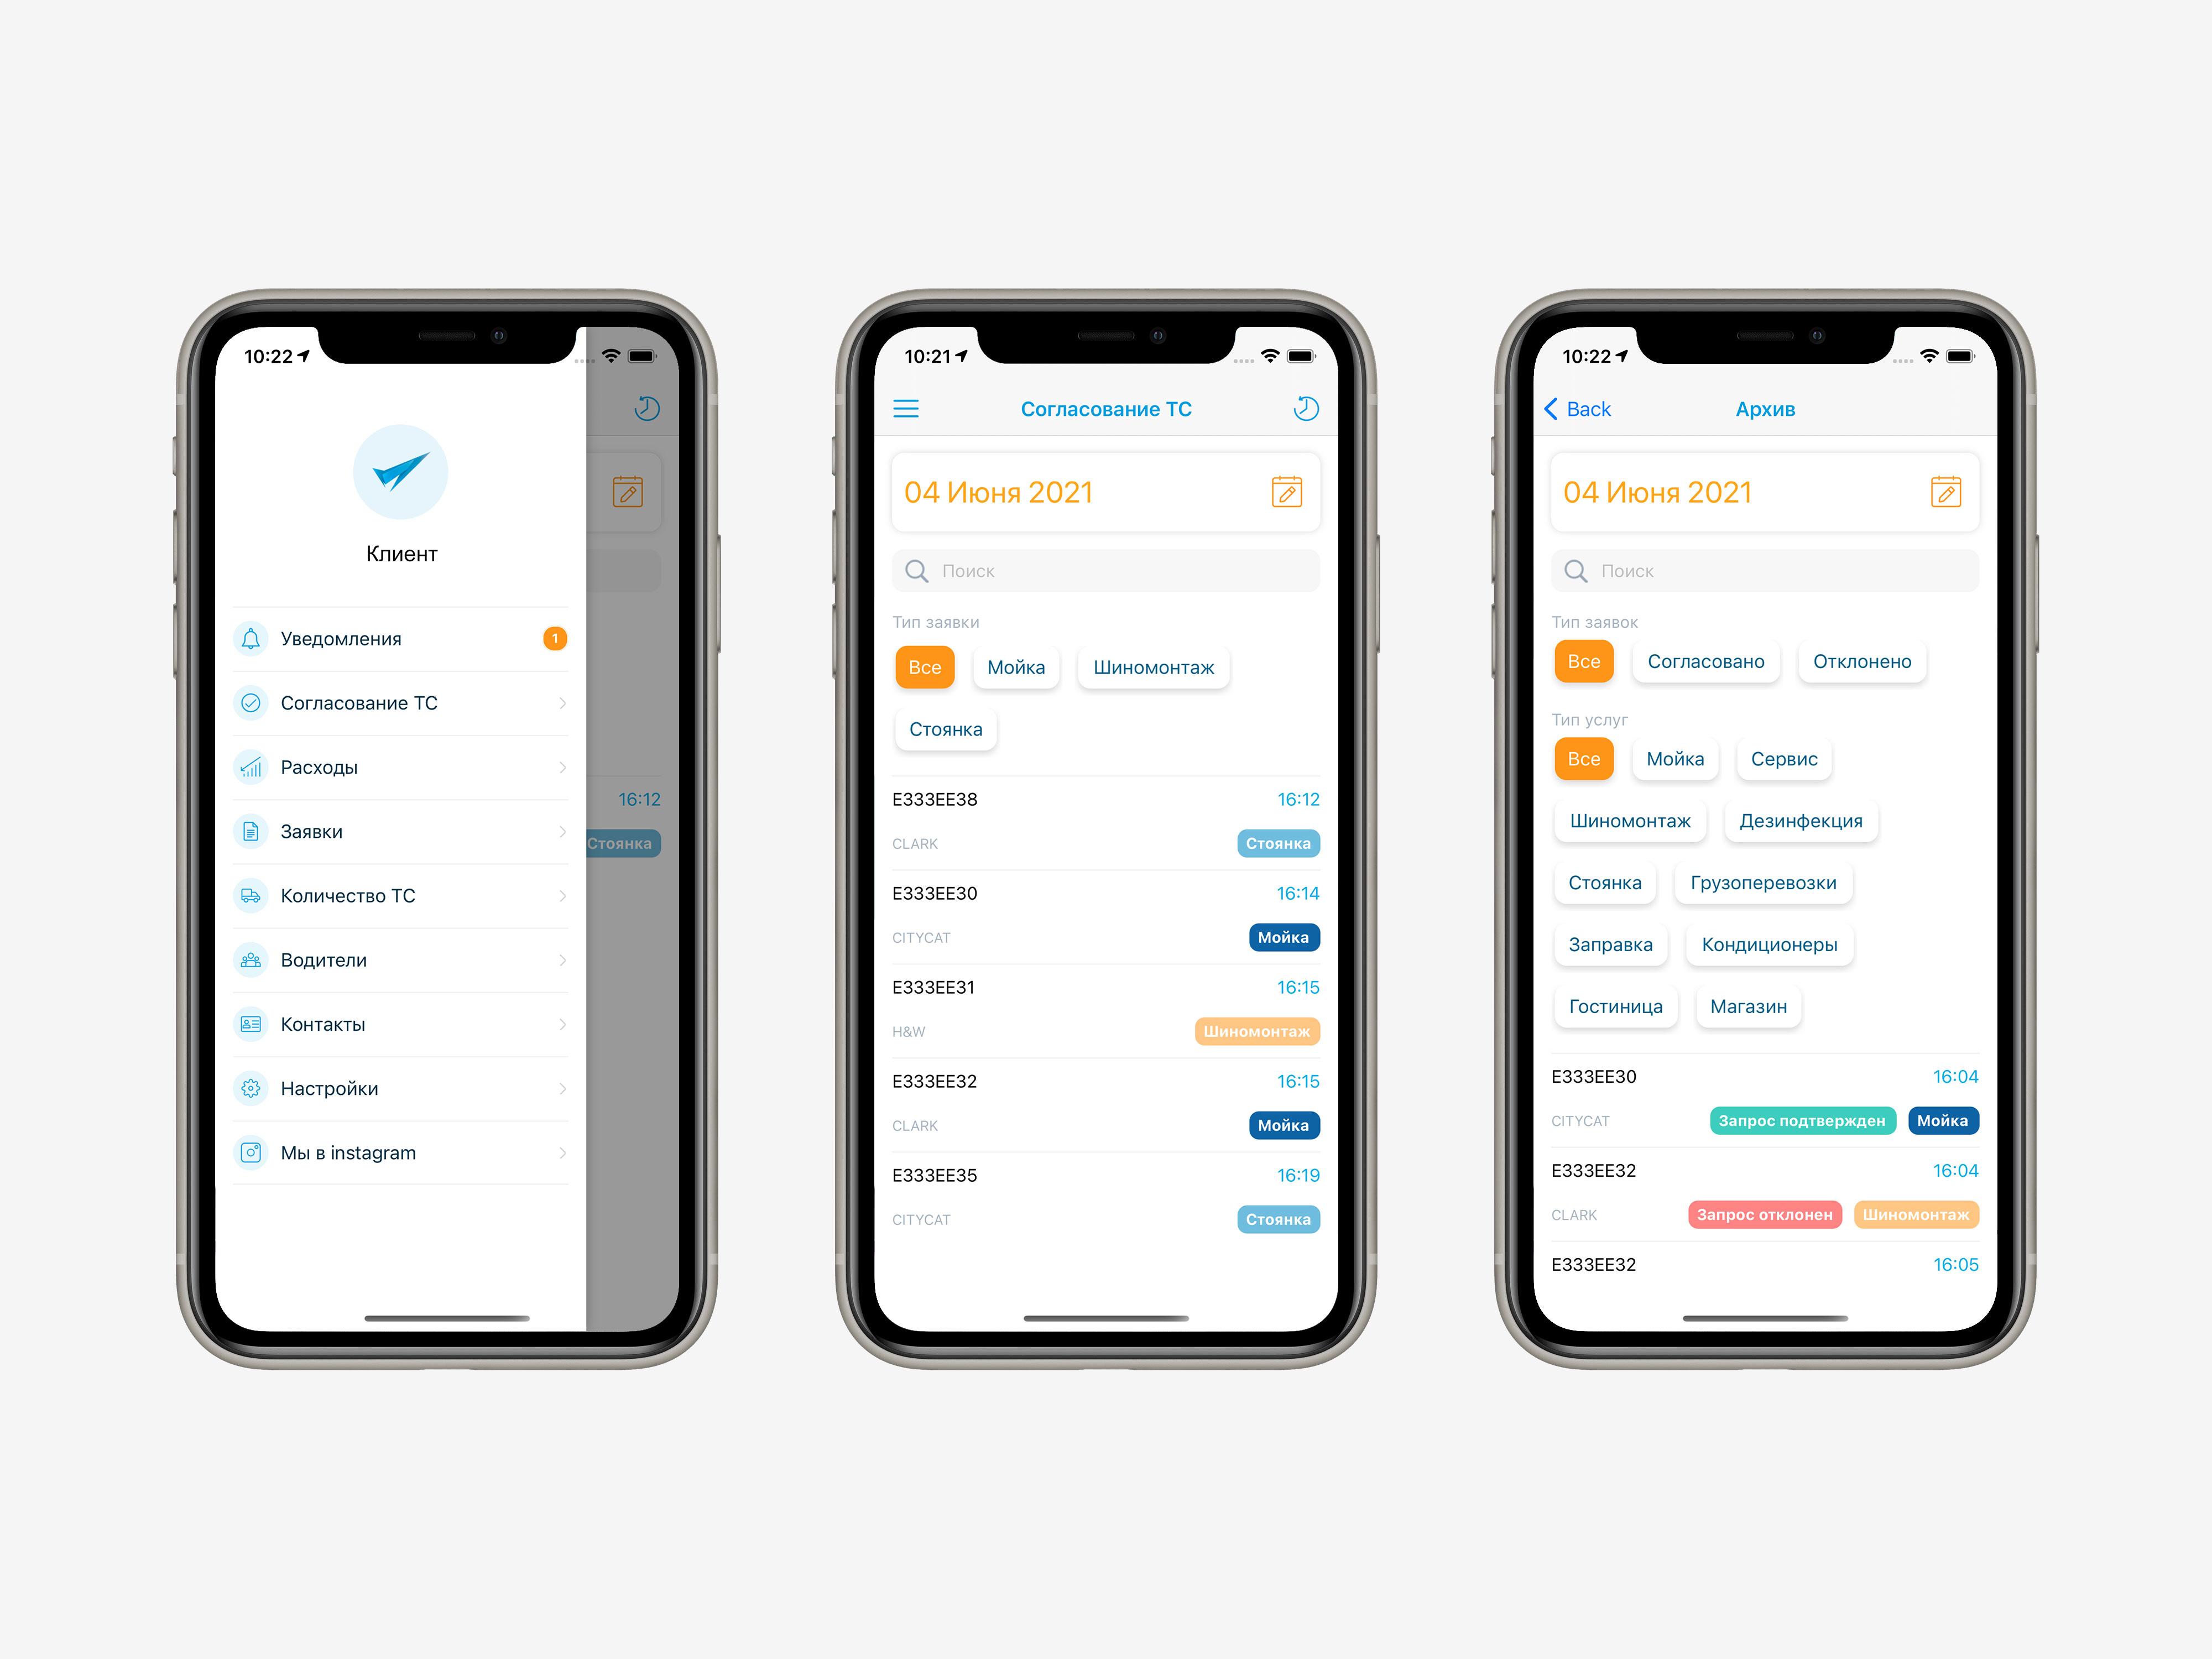 Согласование обслуживания ТС клиена в iOS